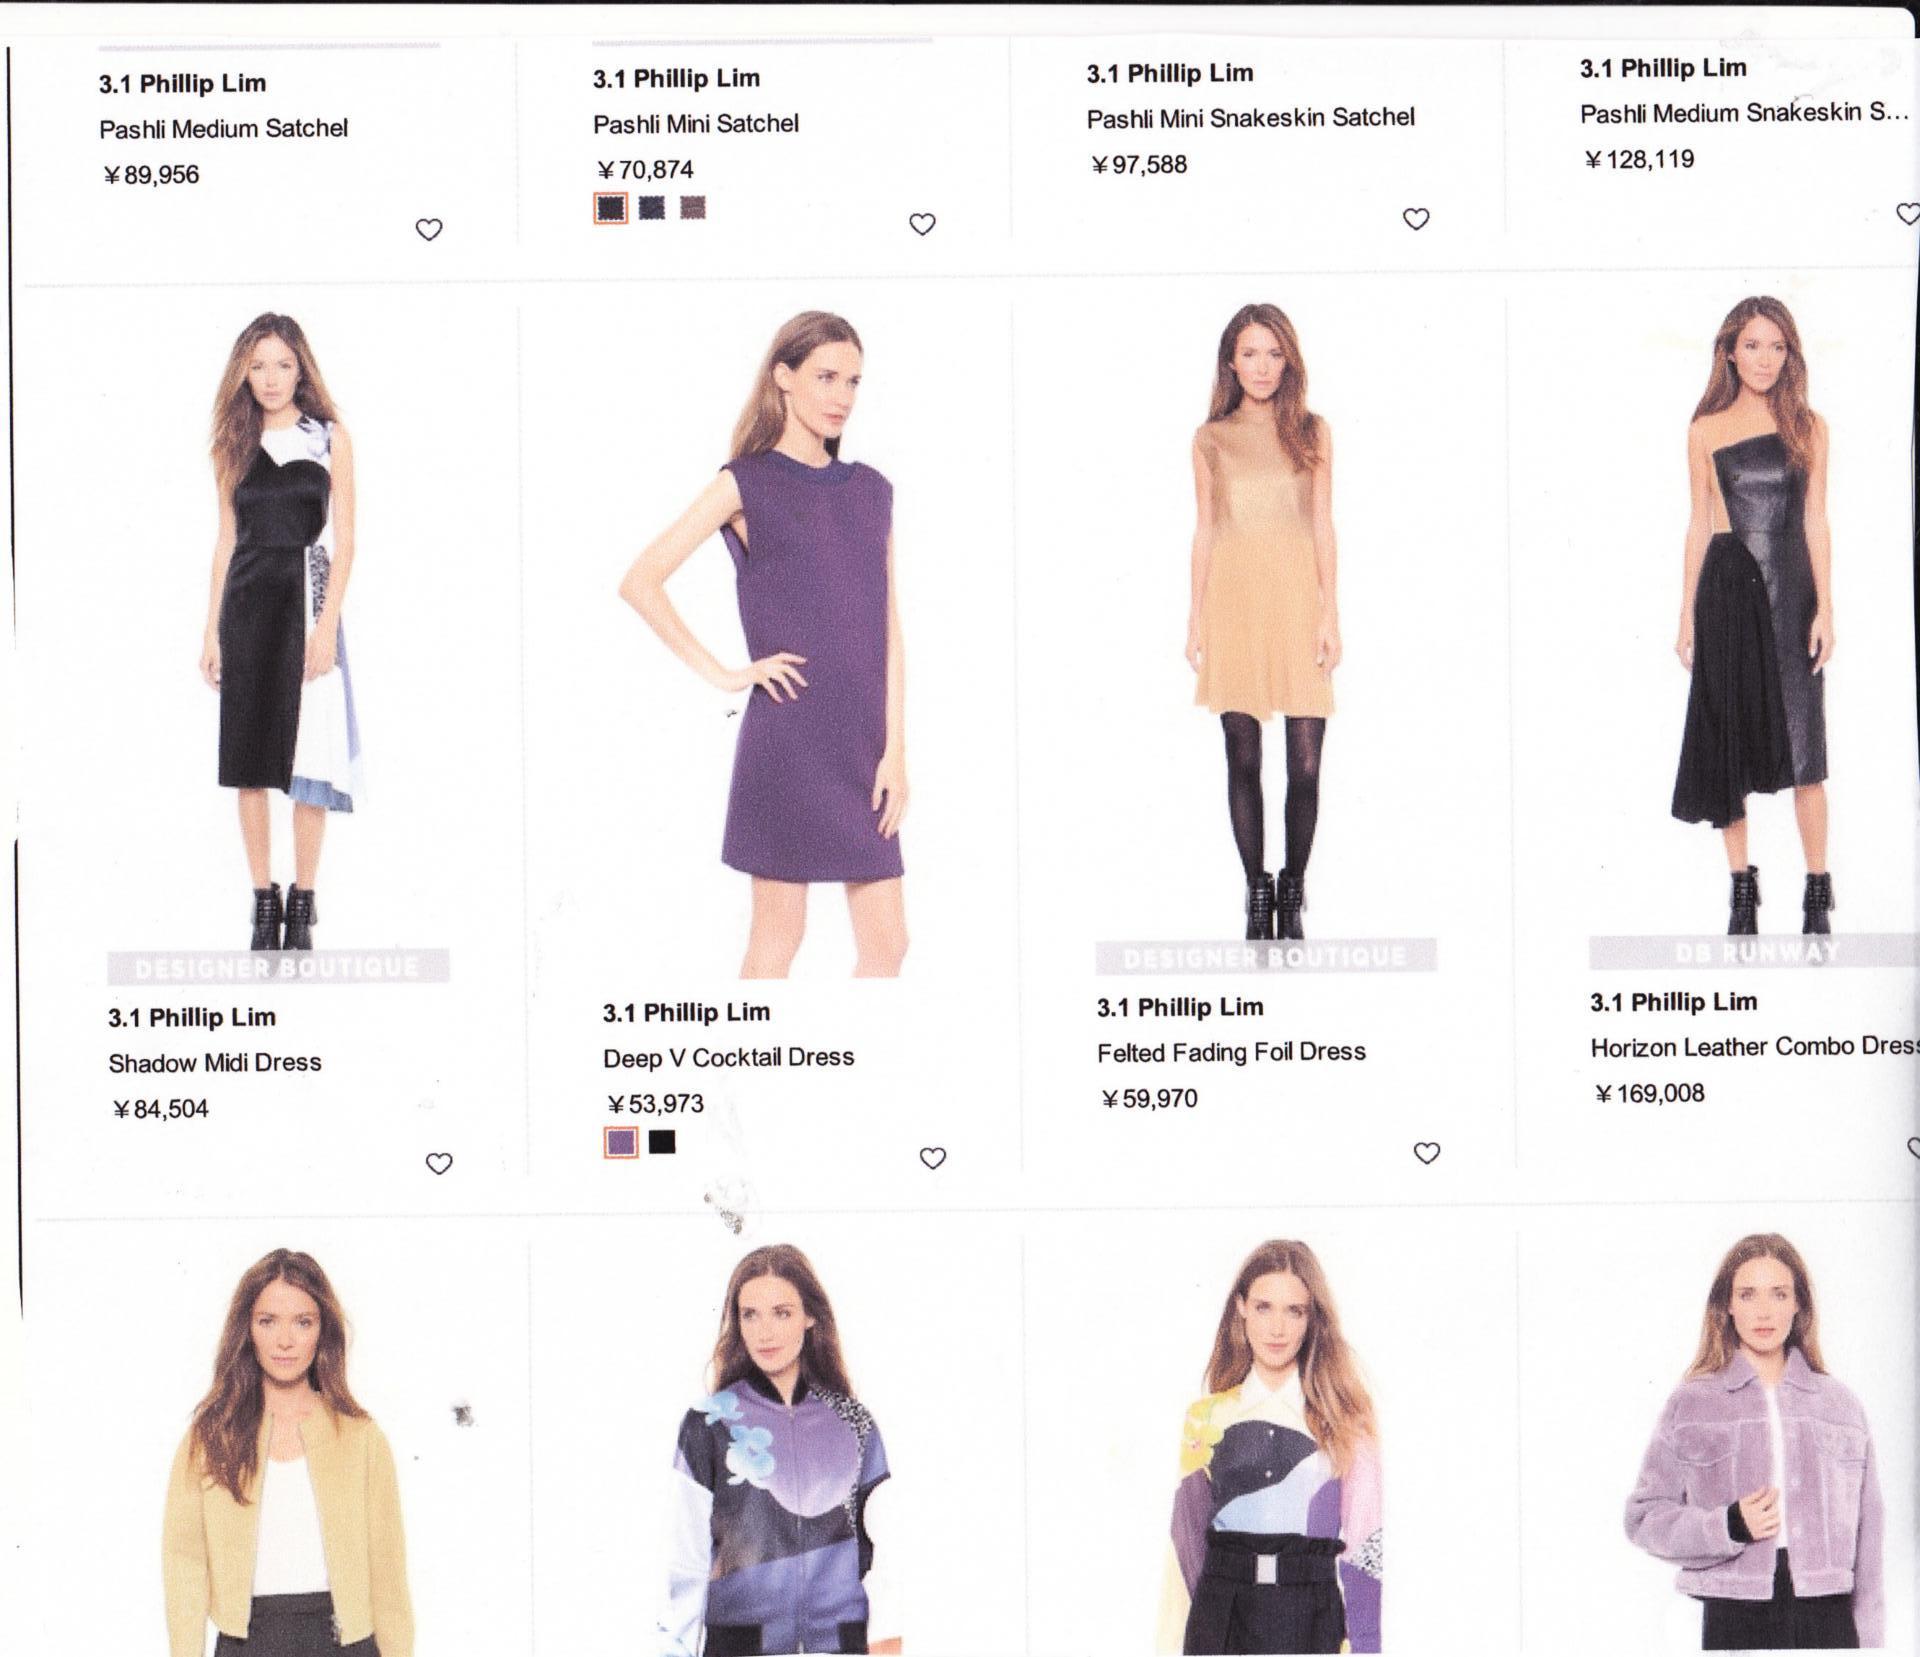 銀座三越,Theoryの売り場、Inovationが消えた、今や、キャリアの保守ファッションの代表である、